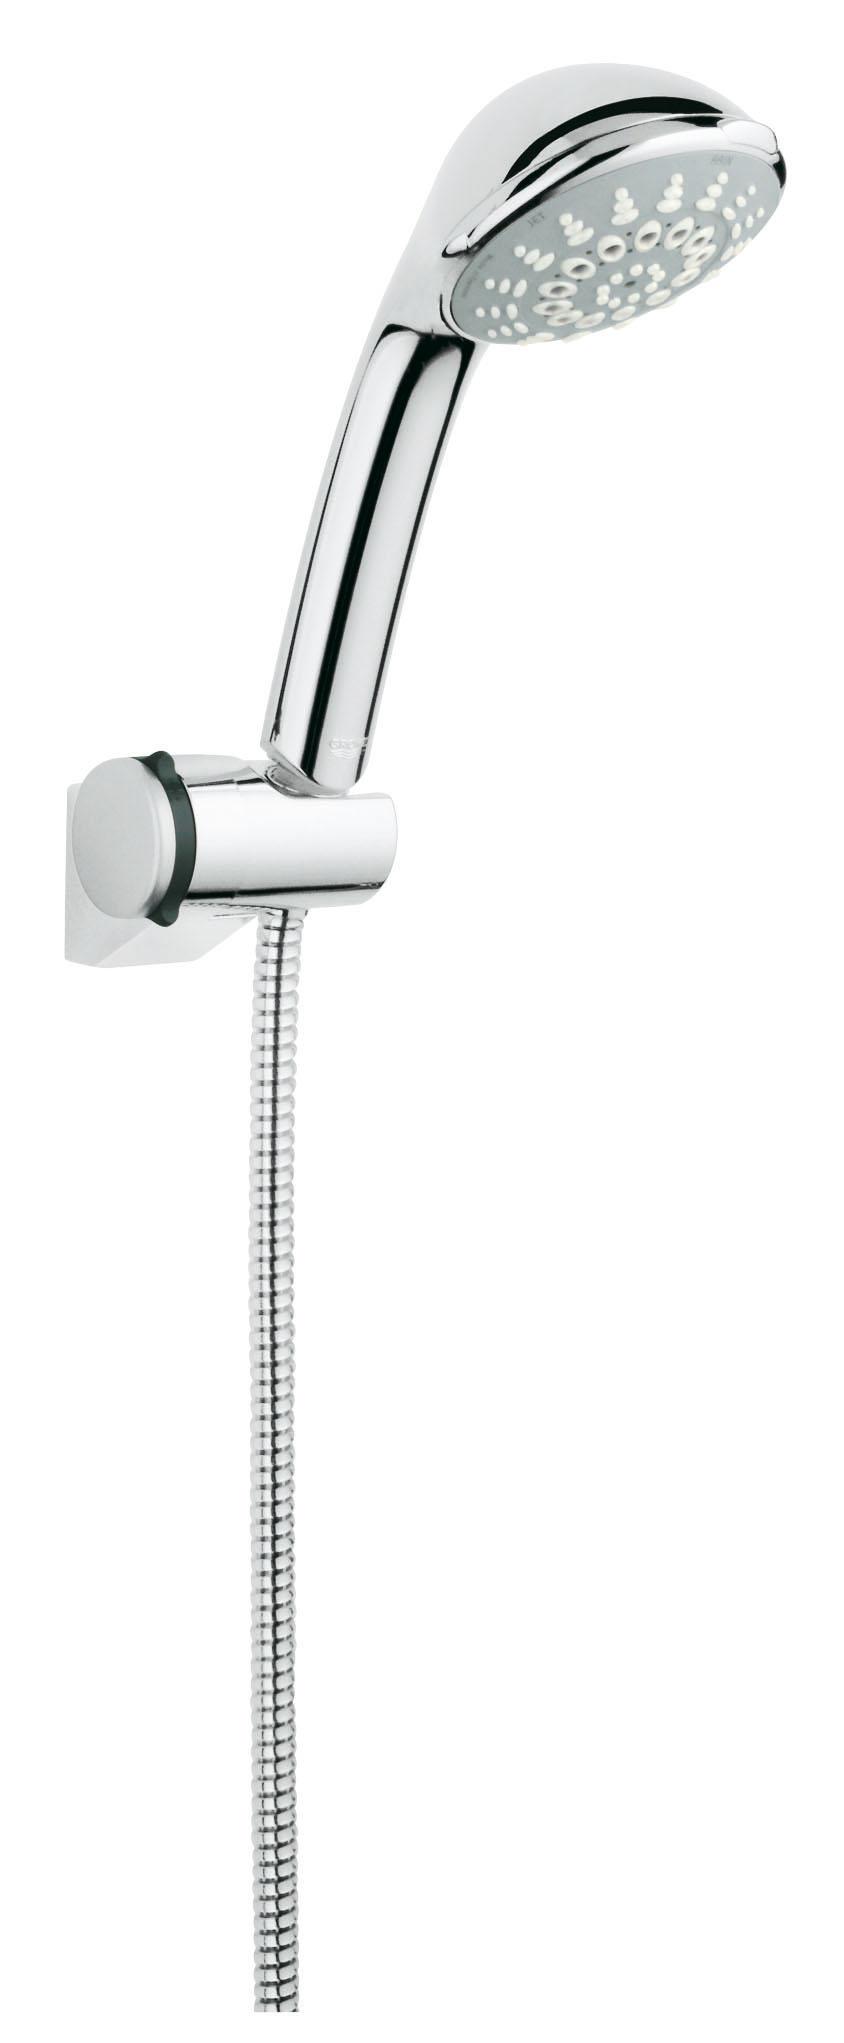 Душевой комплект GROHE Relexa (28843000)20021Включает в себя: Настенный держатель душа (28 623) Ручной душ Relexa 100 Champagne (28 794) Душевой шланг, 1.750 мм (28 410 000) Twistfree против перекручивания шланга GROHE DreamSpray превосходный поток воды С системой SpeedClean против известковых отложений Внутренний охлаждающий канал для продолжительного срока службы GROHE StarLight хромированная поверхность Видео по установке является исключительно информационным. Установка должна проводиться профессионалами!